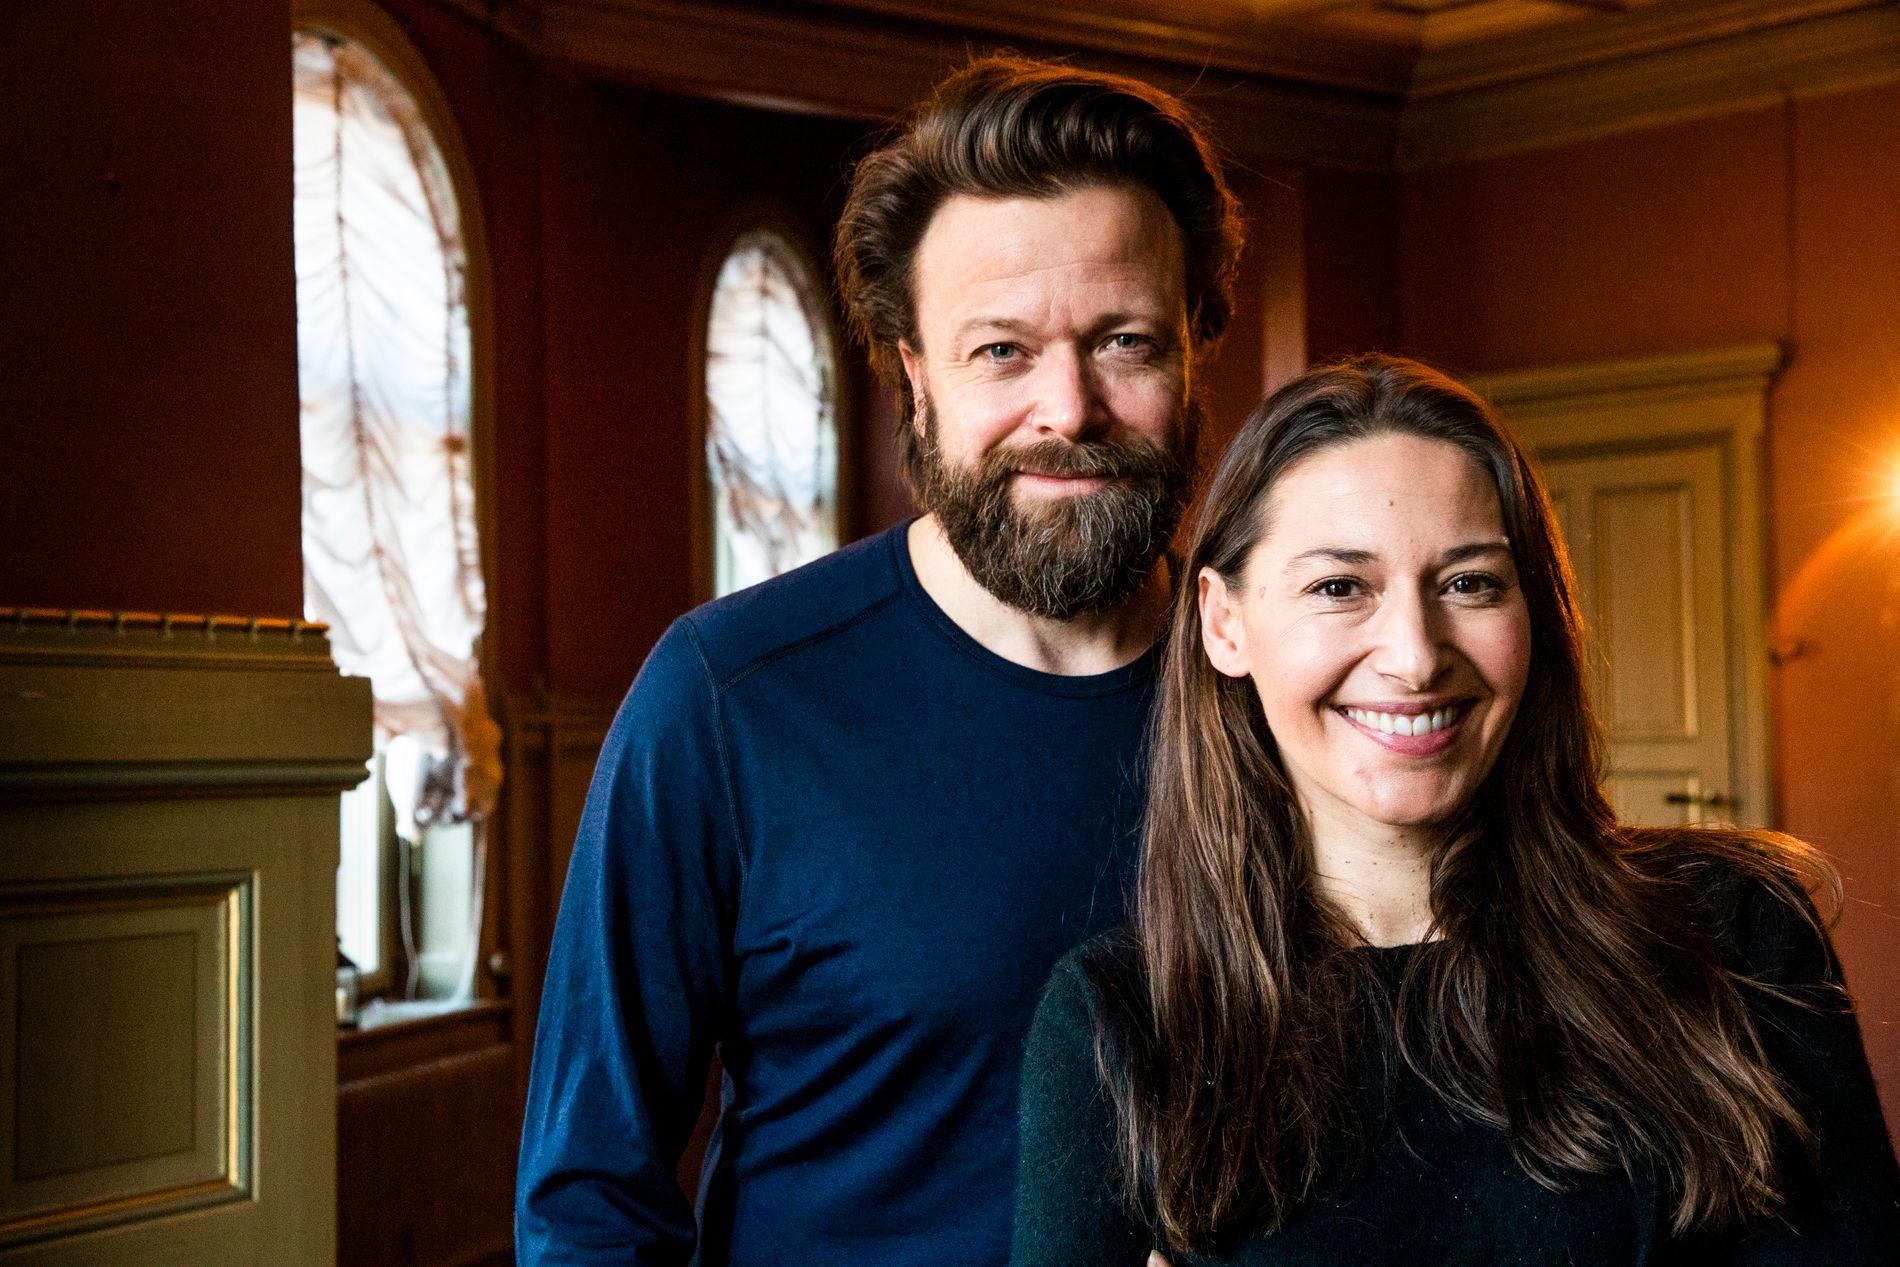 SUKSESS MED IBSEN: Kåre Conradi og Pia Tjelta opplevde stor suksess da de tok Henrik Ibsens «Fruen fra havet» til London.